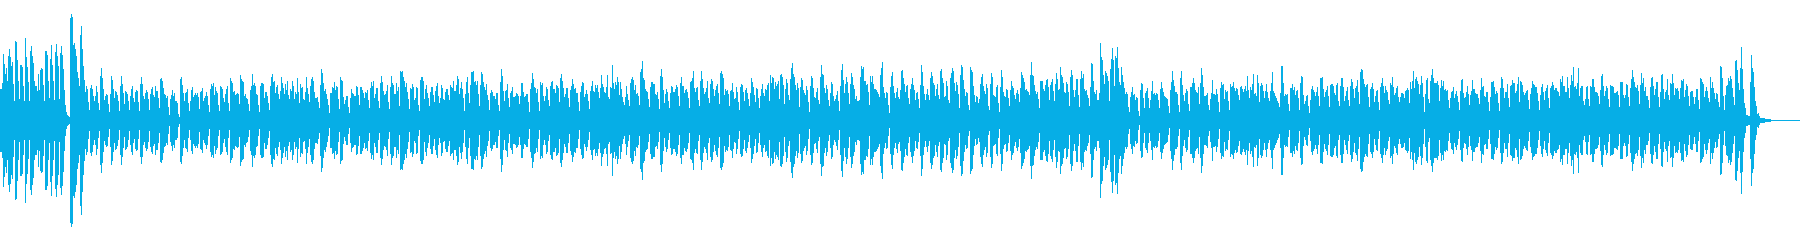 サーカスのような楽しく可愛い雰囲気の曲の再生済みの波形